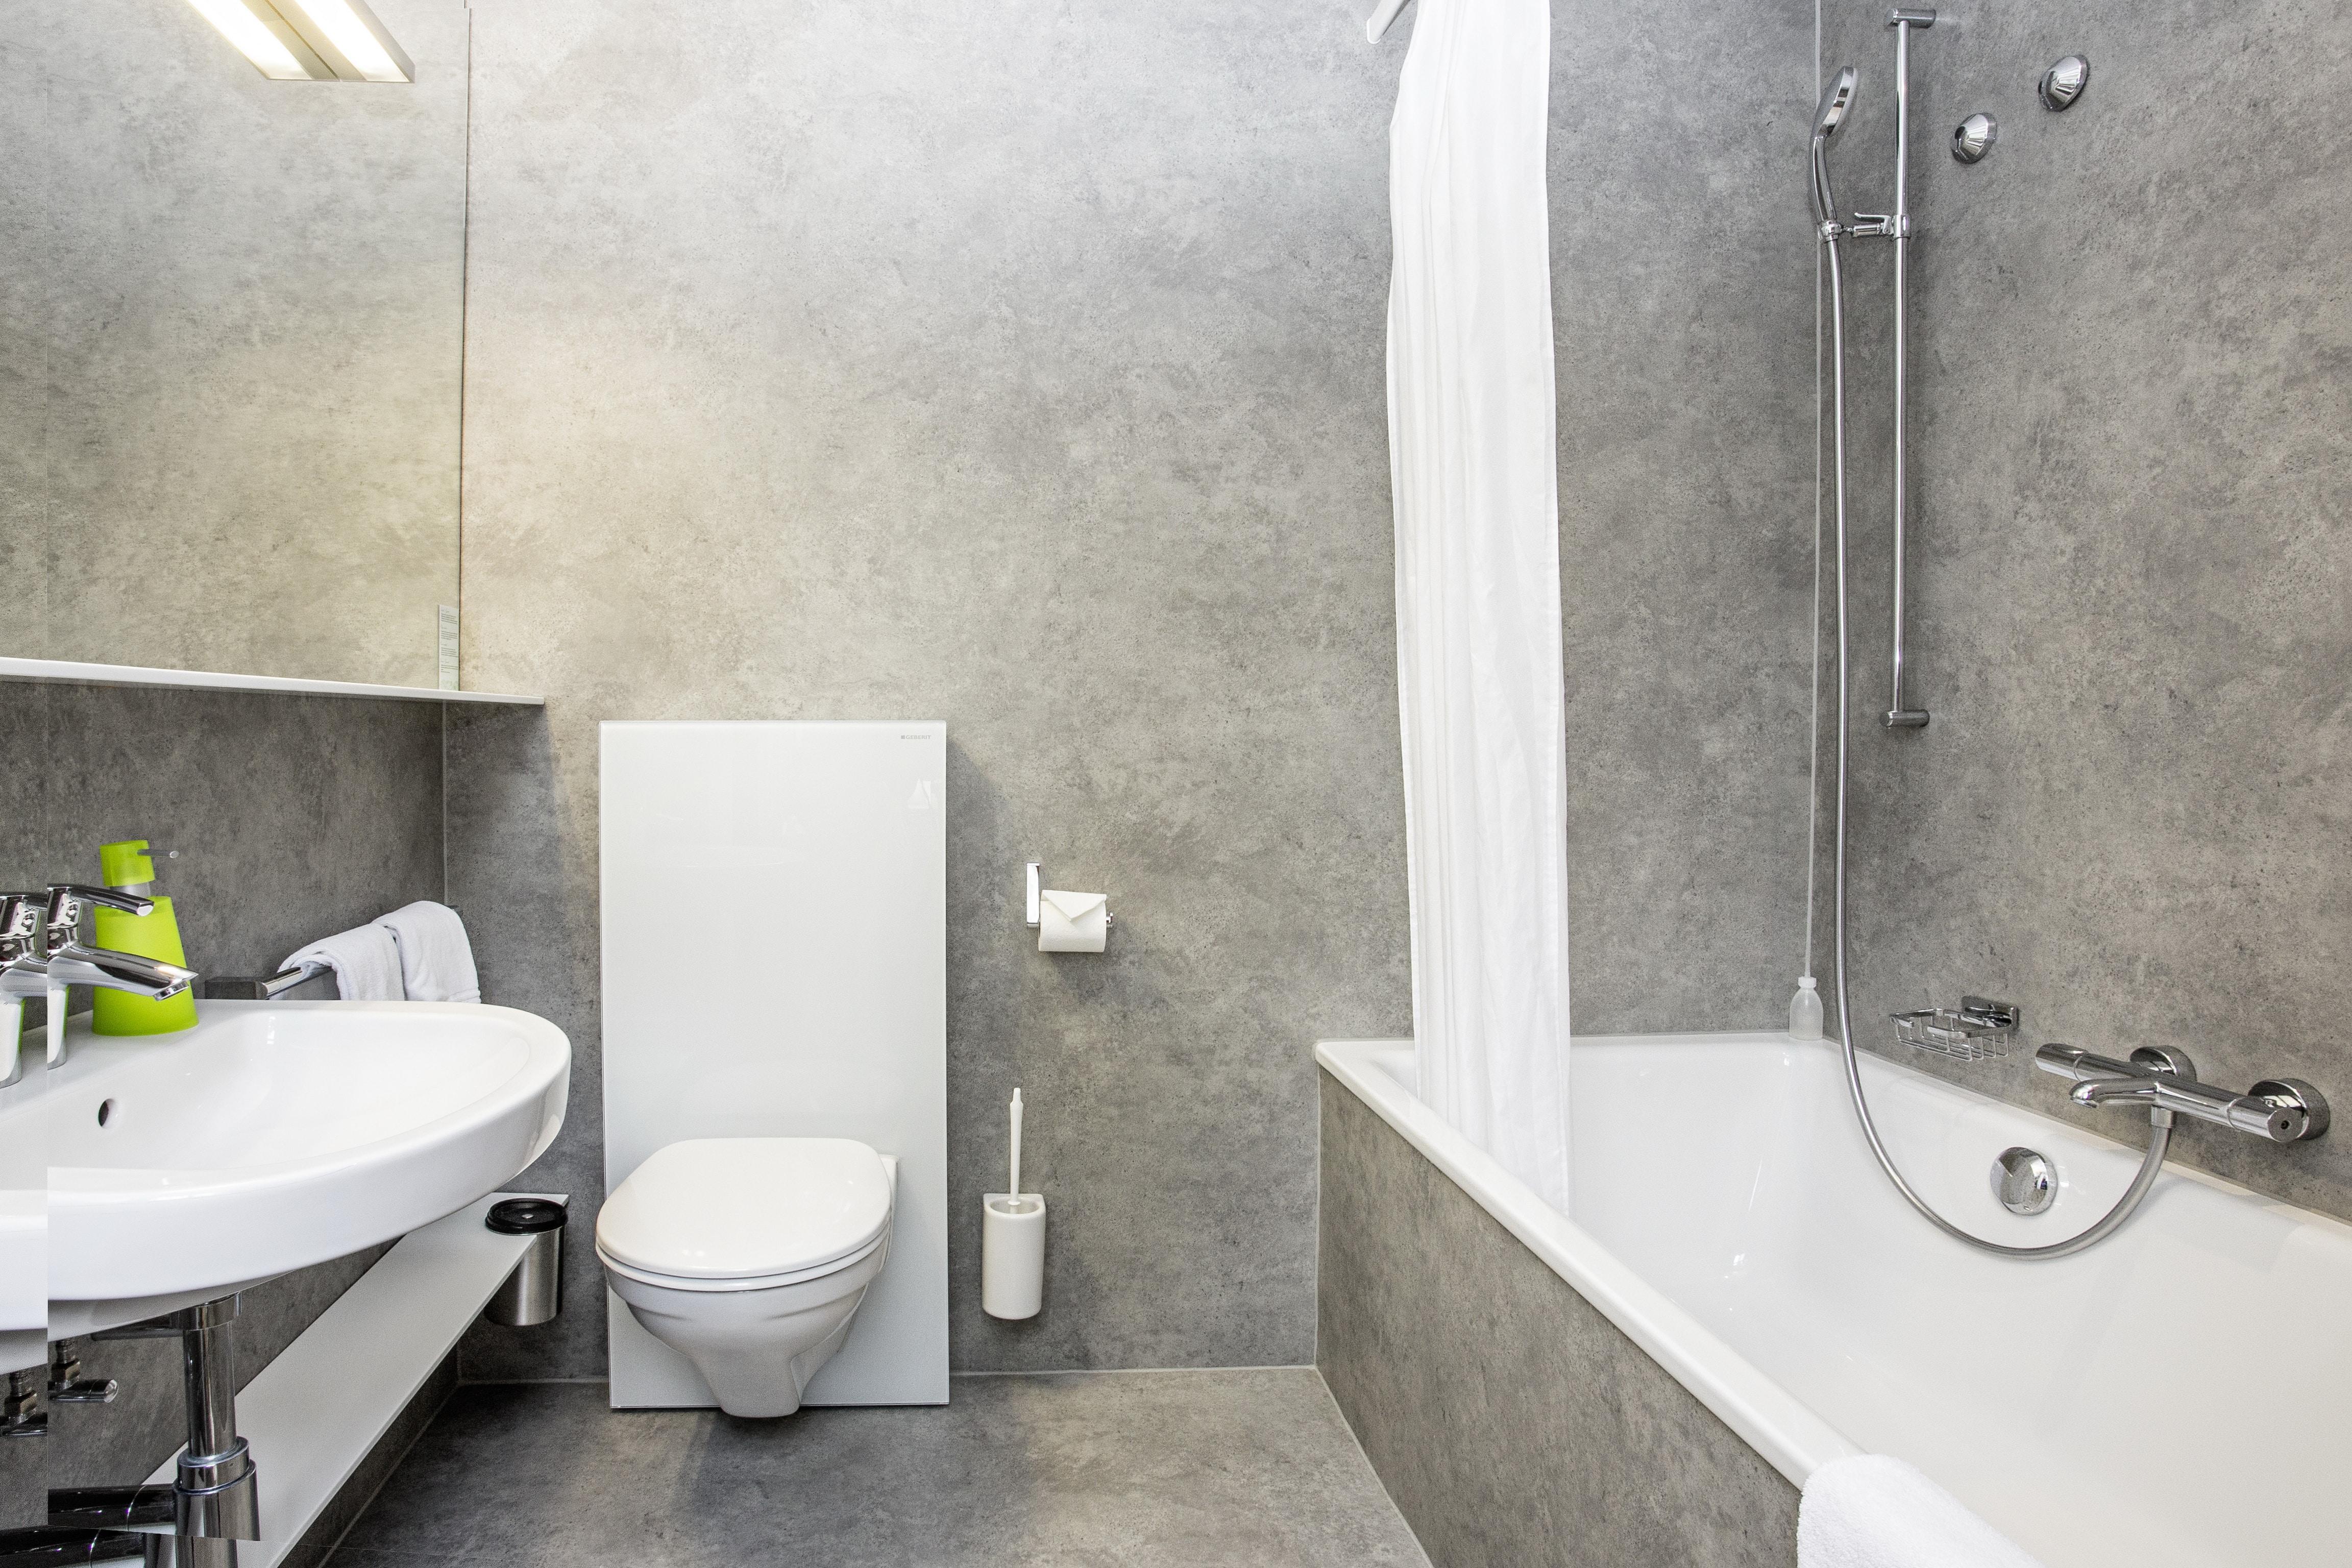 Salle de bain, baignoire/wc